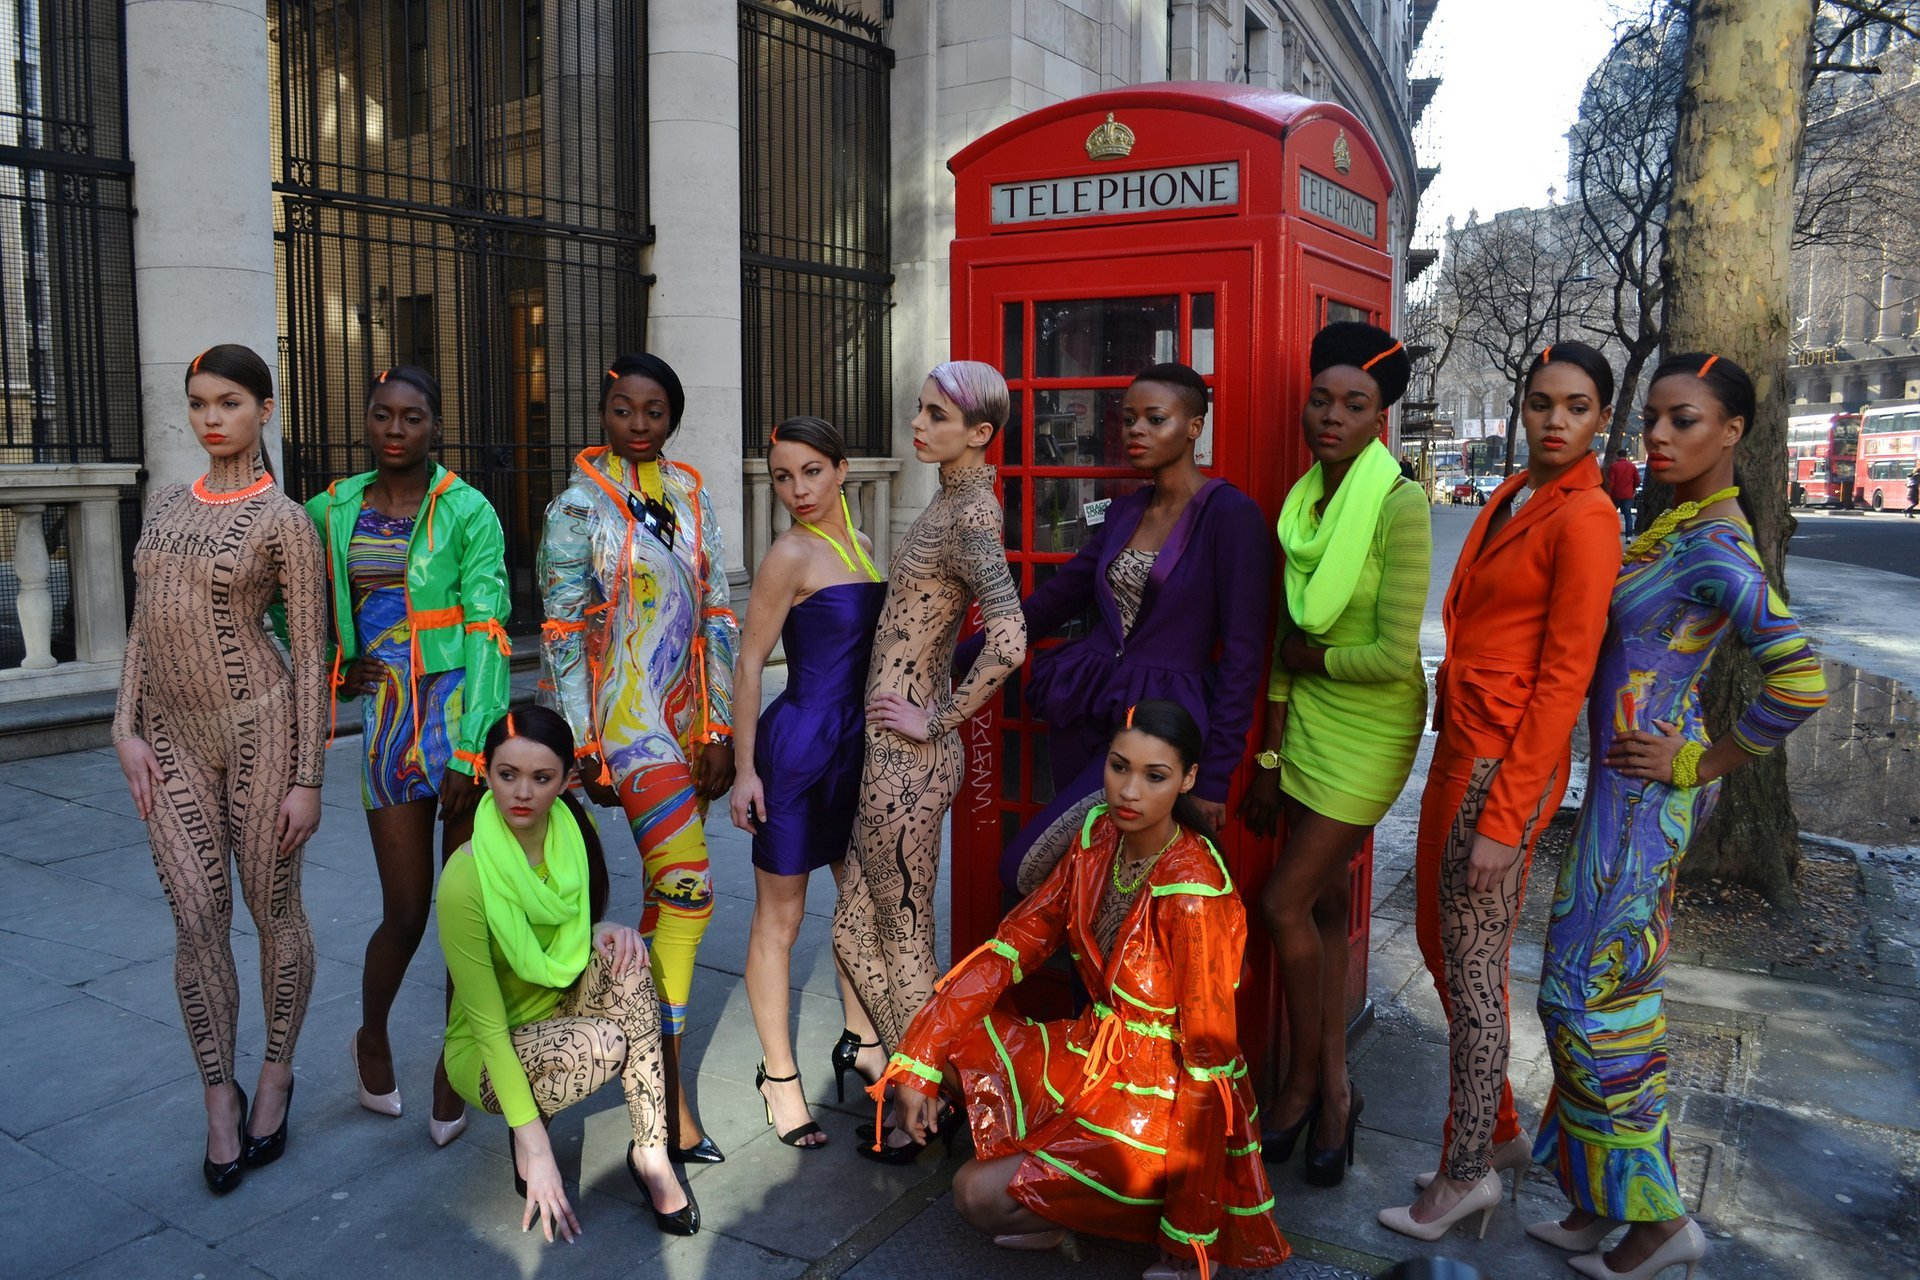 London Fashion Week in London 2020 - Best Time